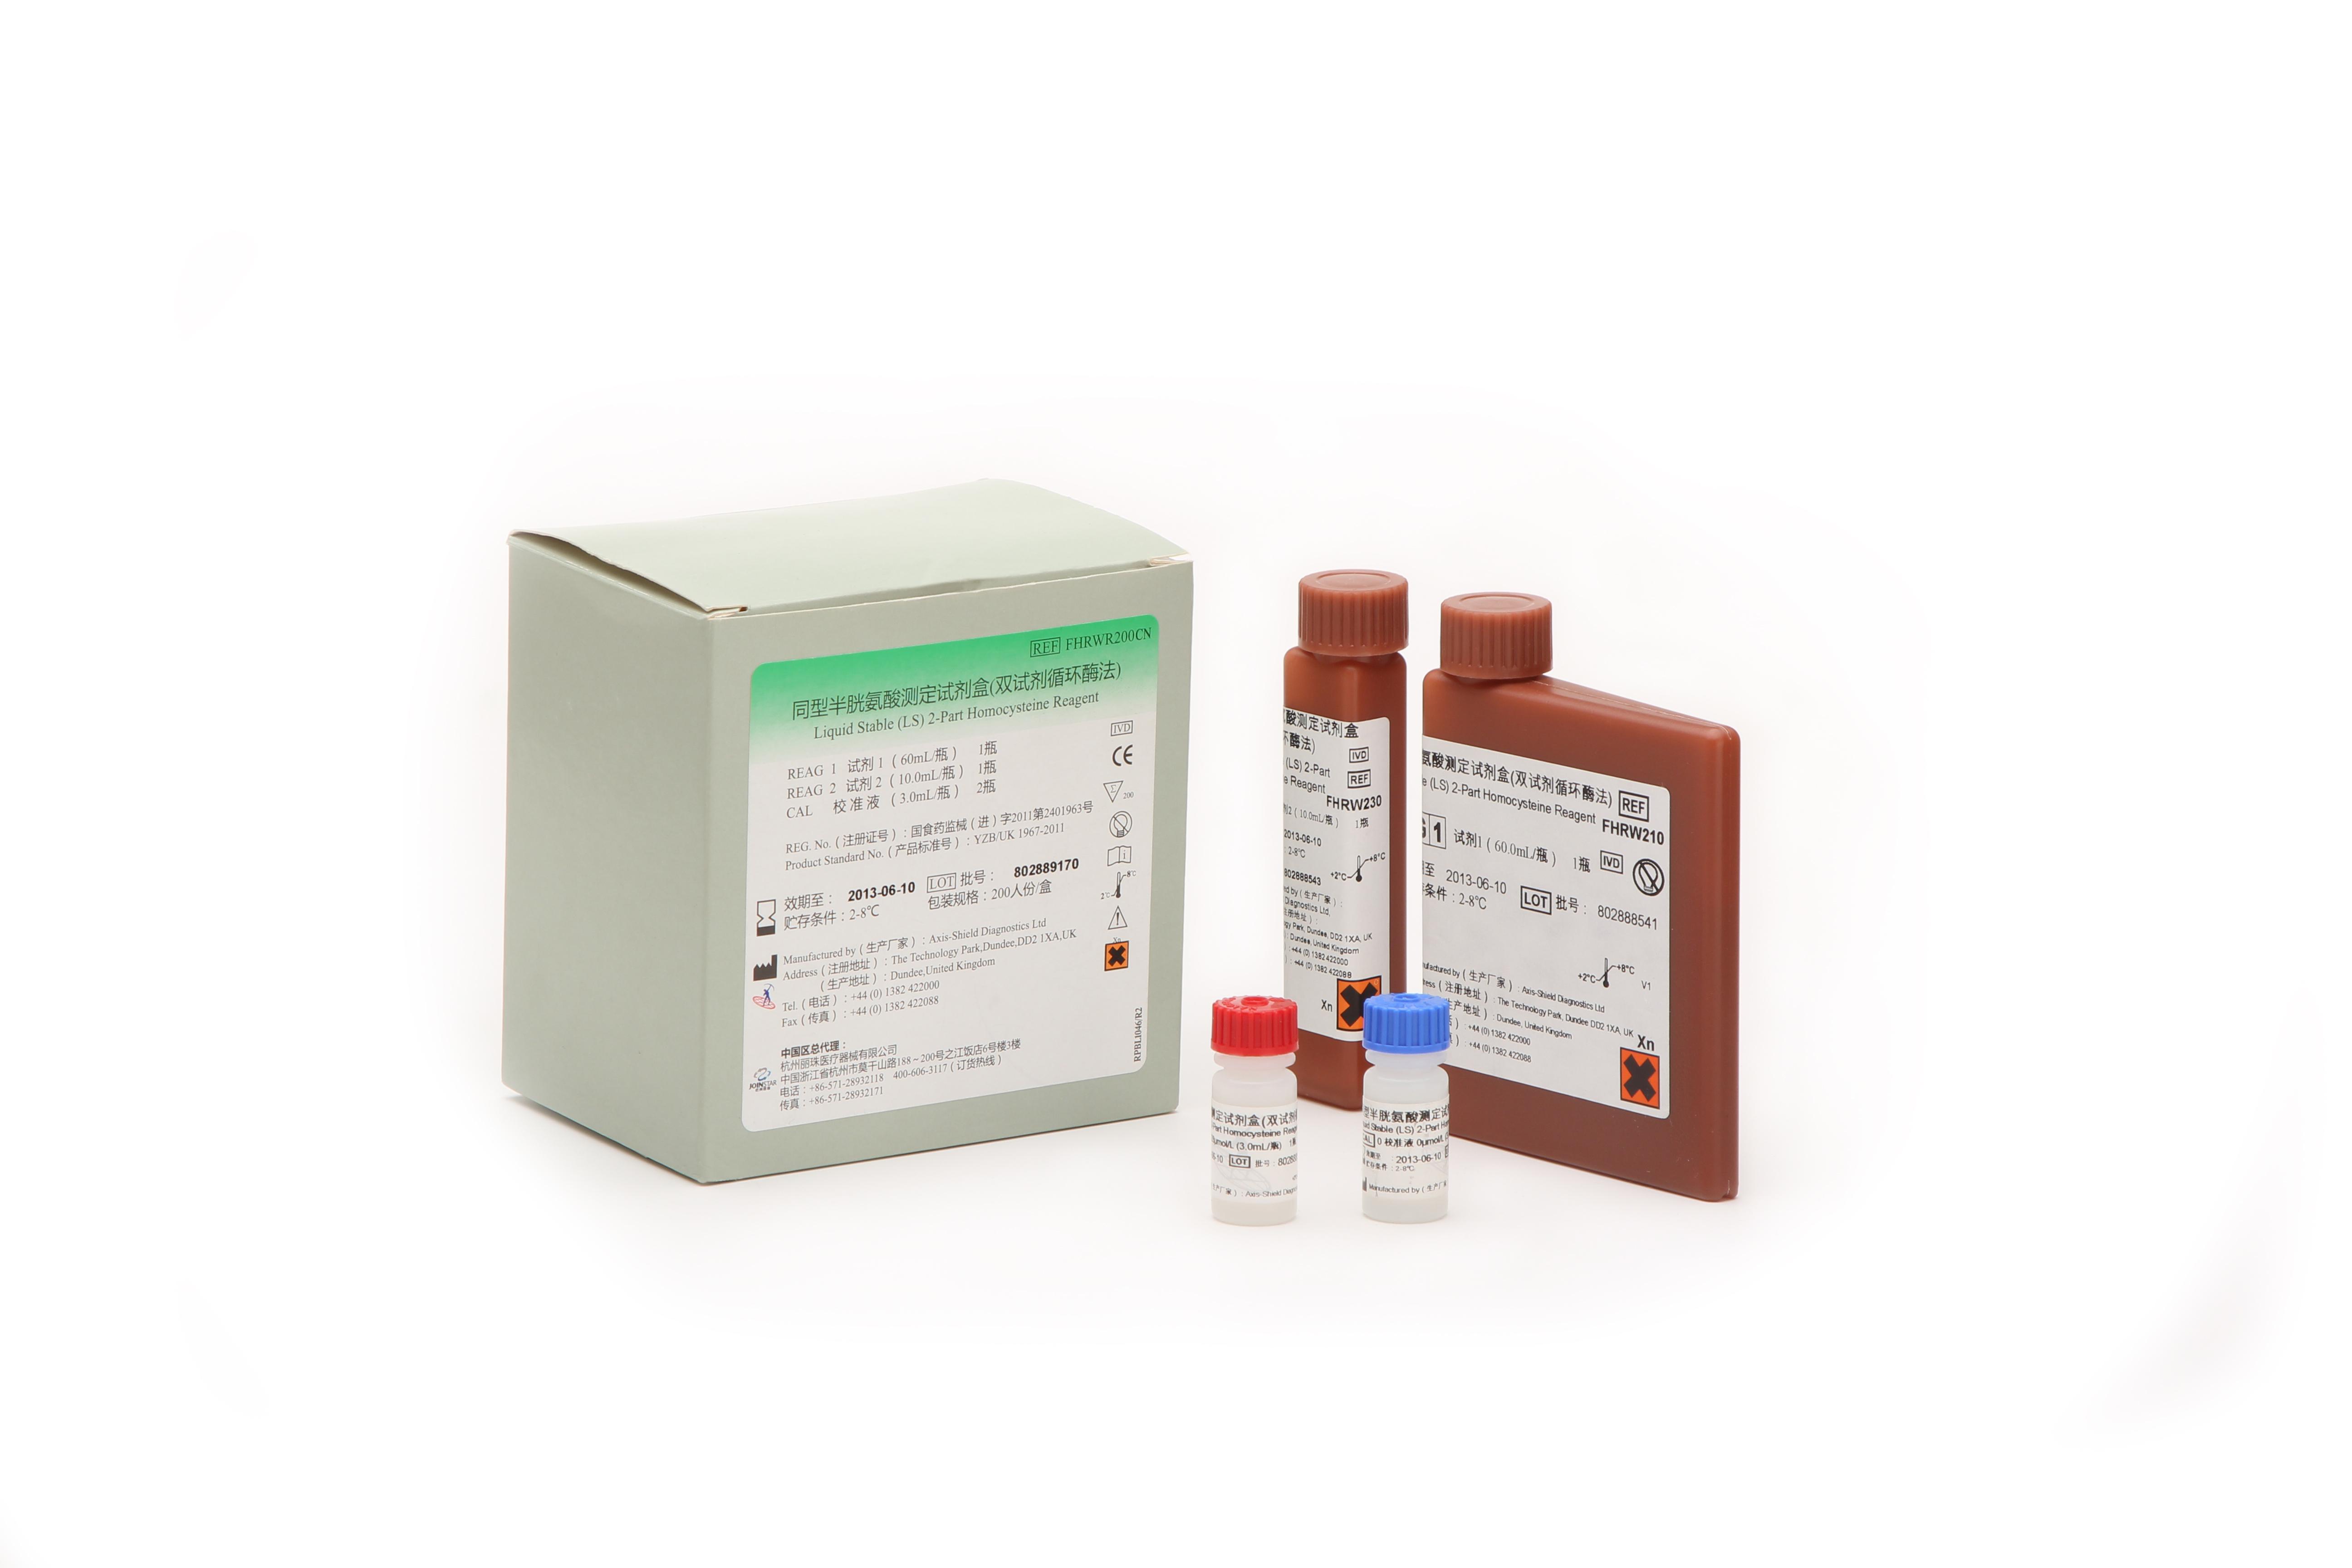 (进口) 同型半胱氨酸(HCY)测定试剂盒(双试剂偱环酶法)